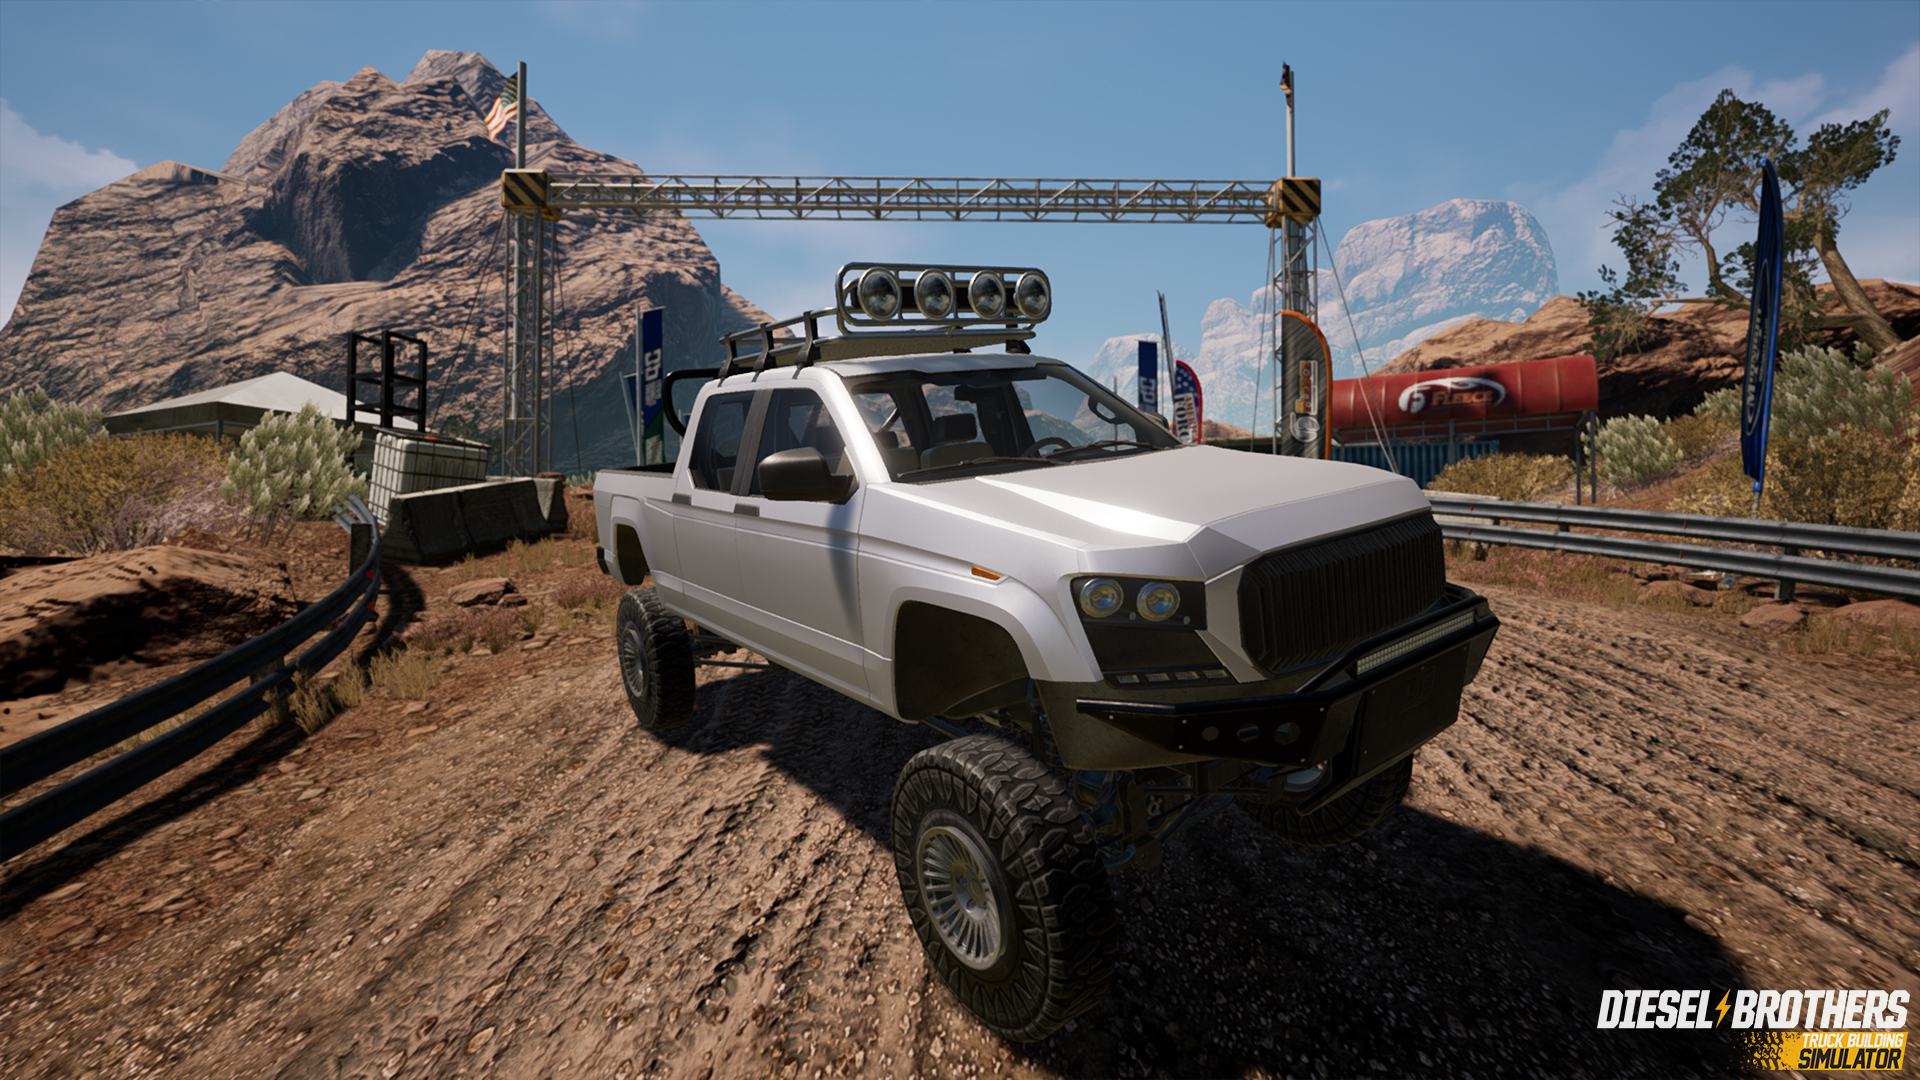 Diesel Brothers Mega Ram >> Diesel Brothers Truck Building Simulator